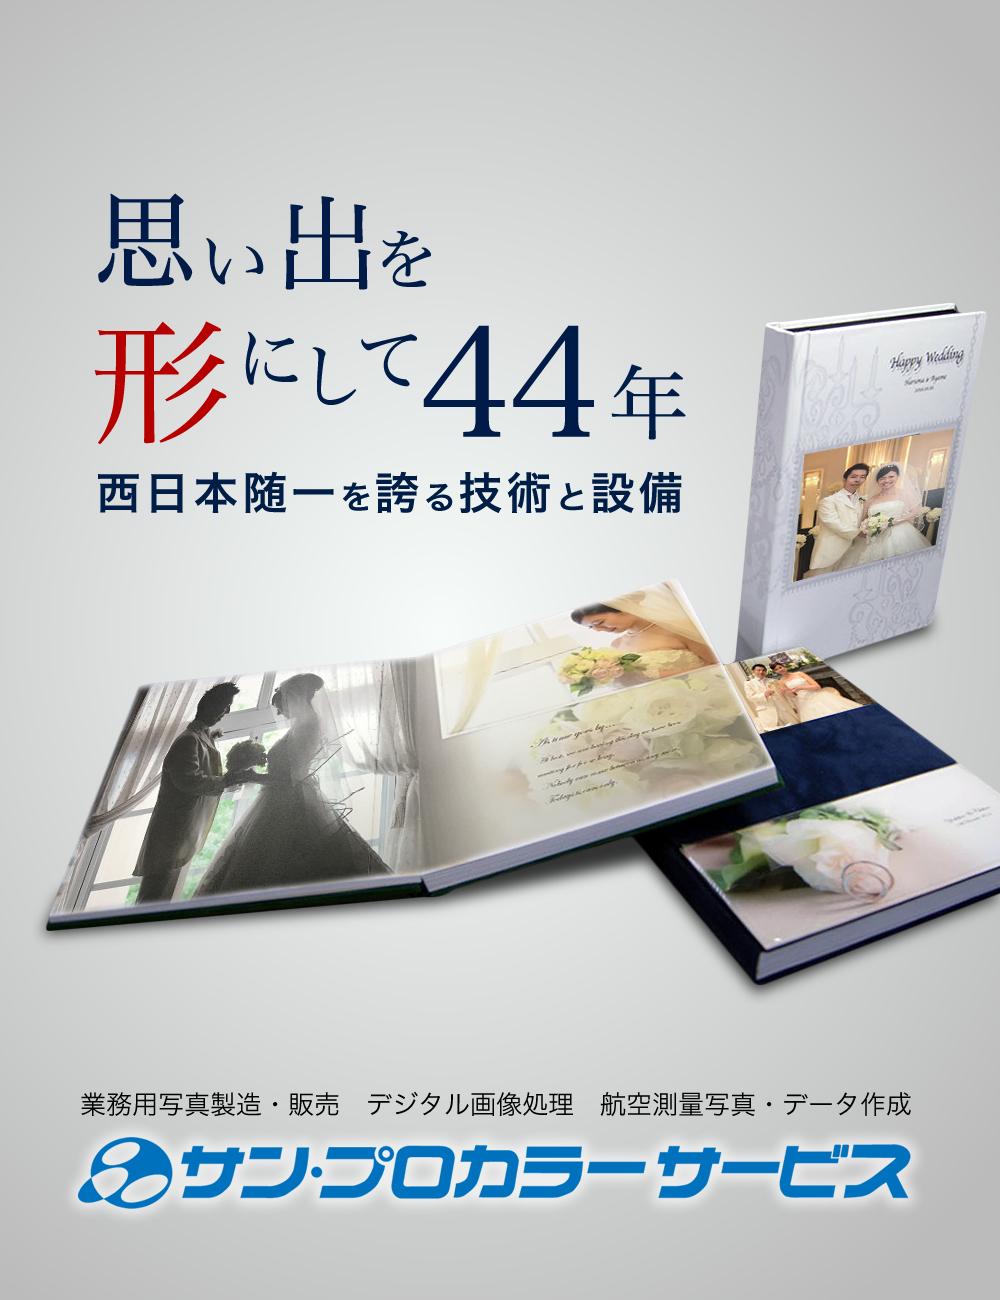 思い出を形にして44年 西日本随一を誇る技術と設備